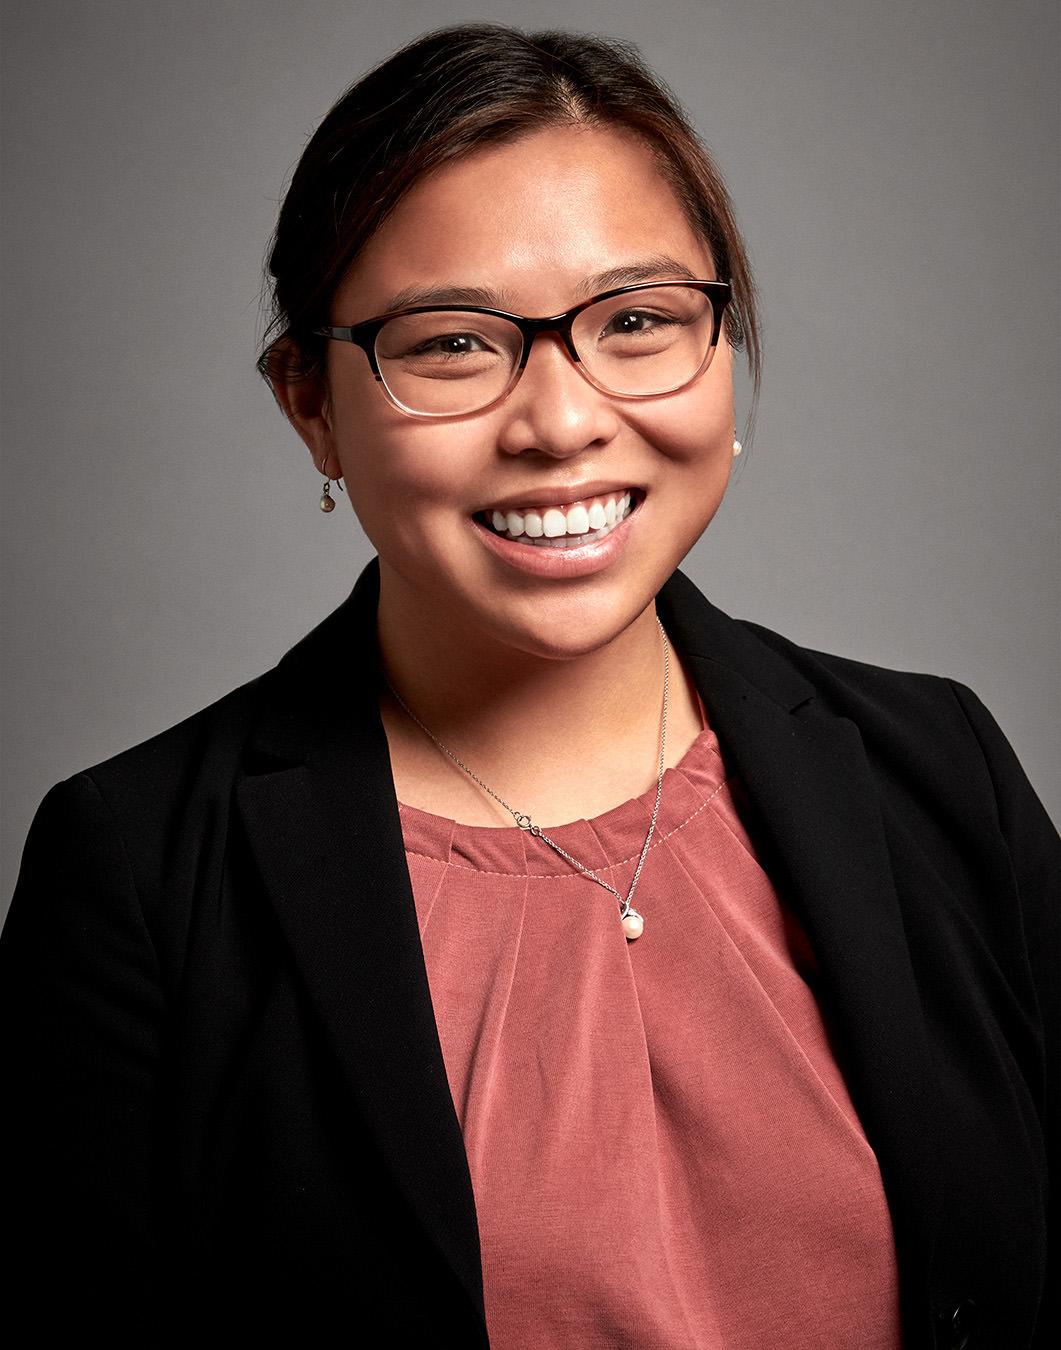 Emma Grace Noga; Executive Assistant